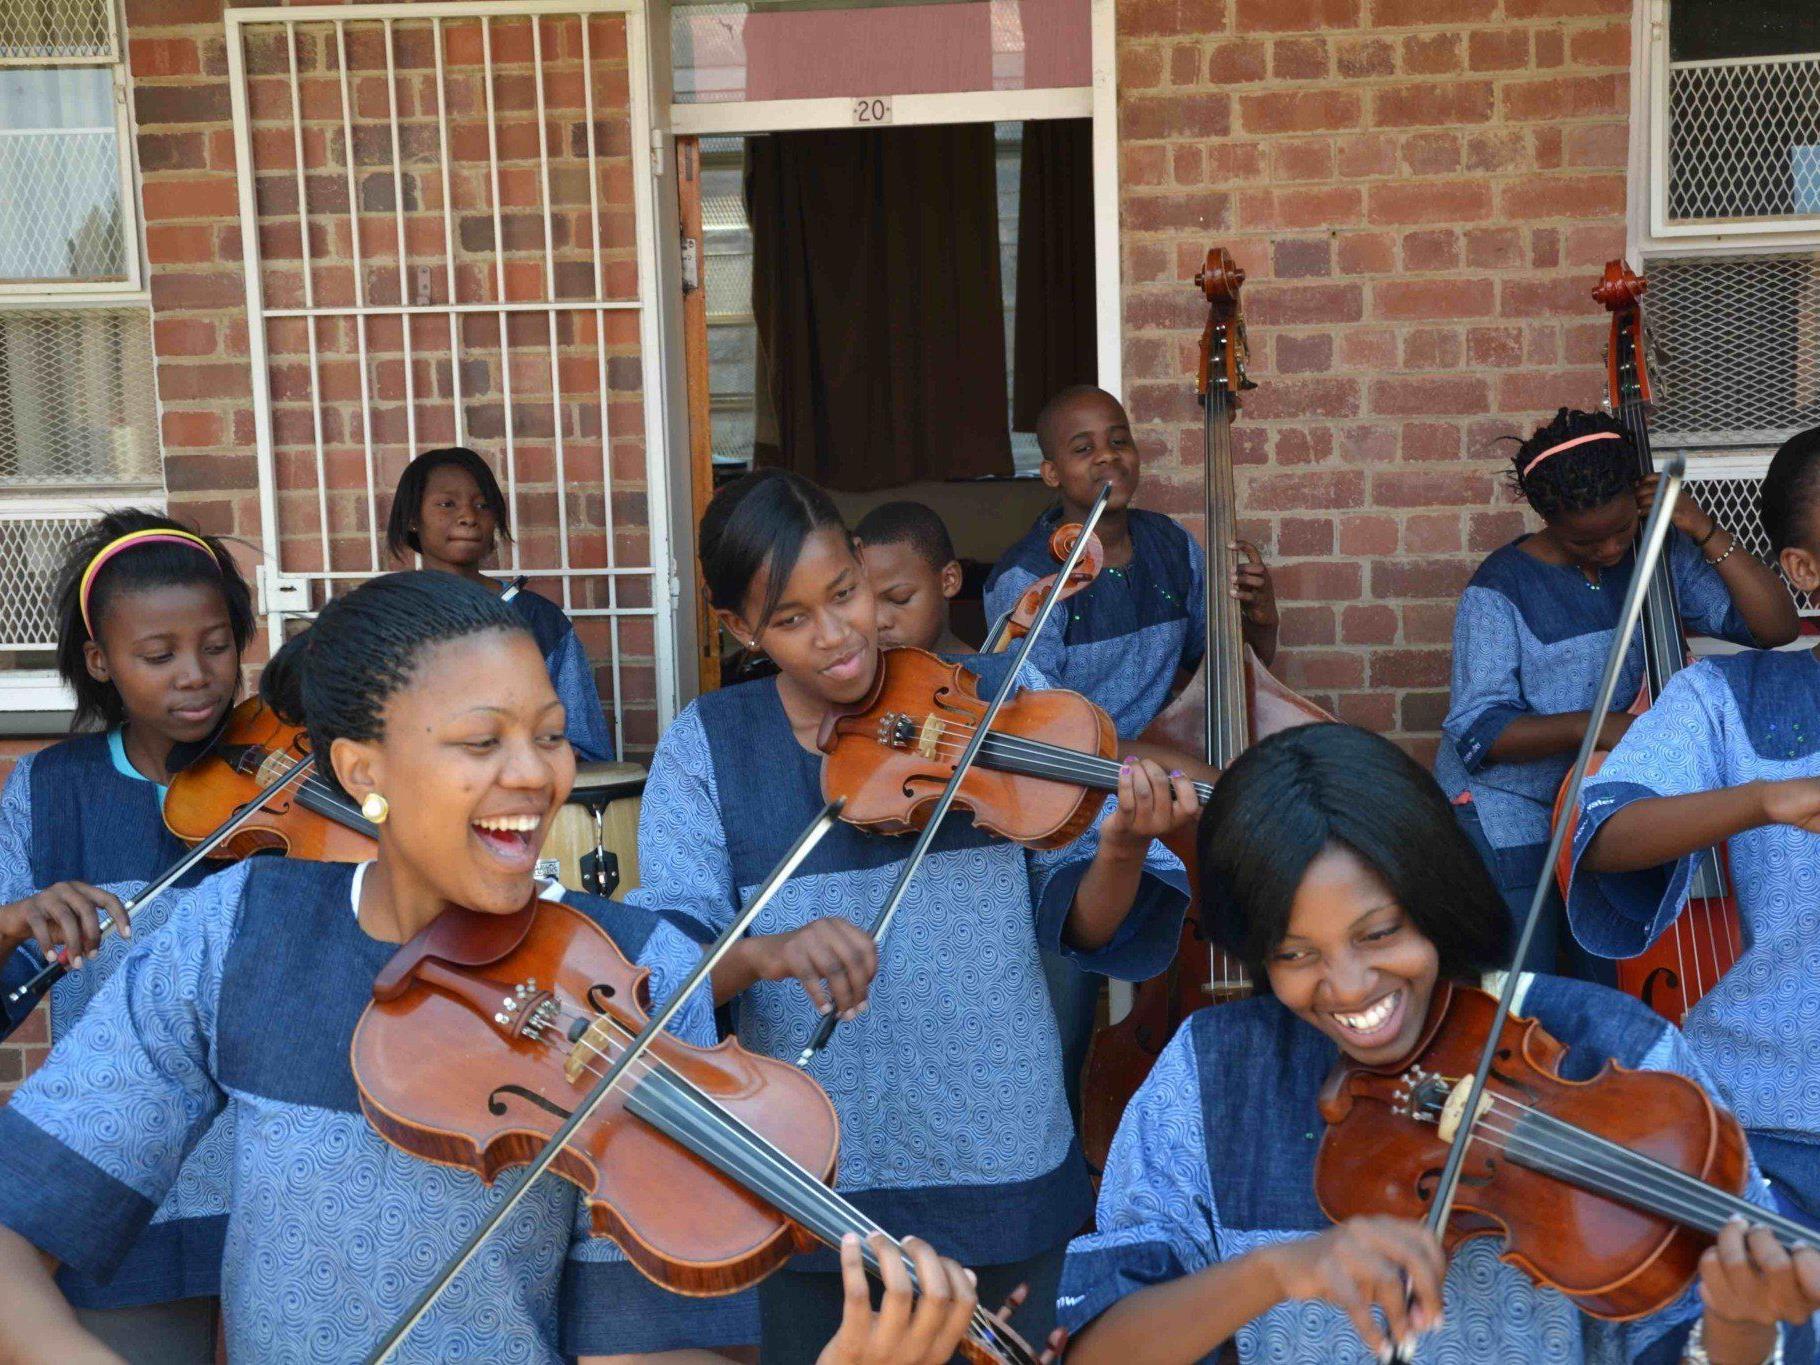 Die jungen MusikerInnen spielen mit großer Begeisterung.